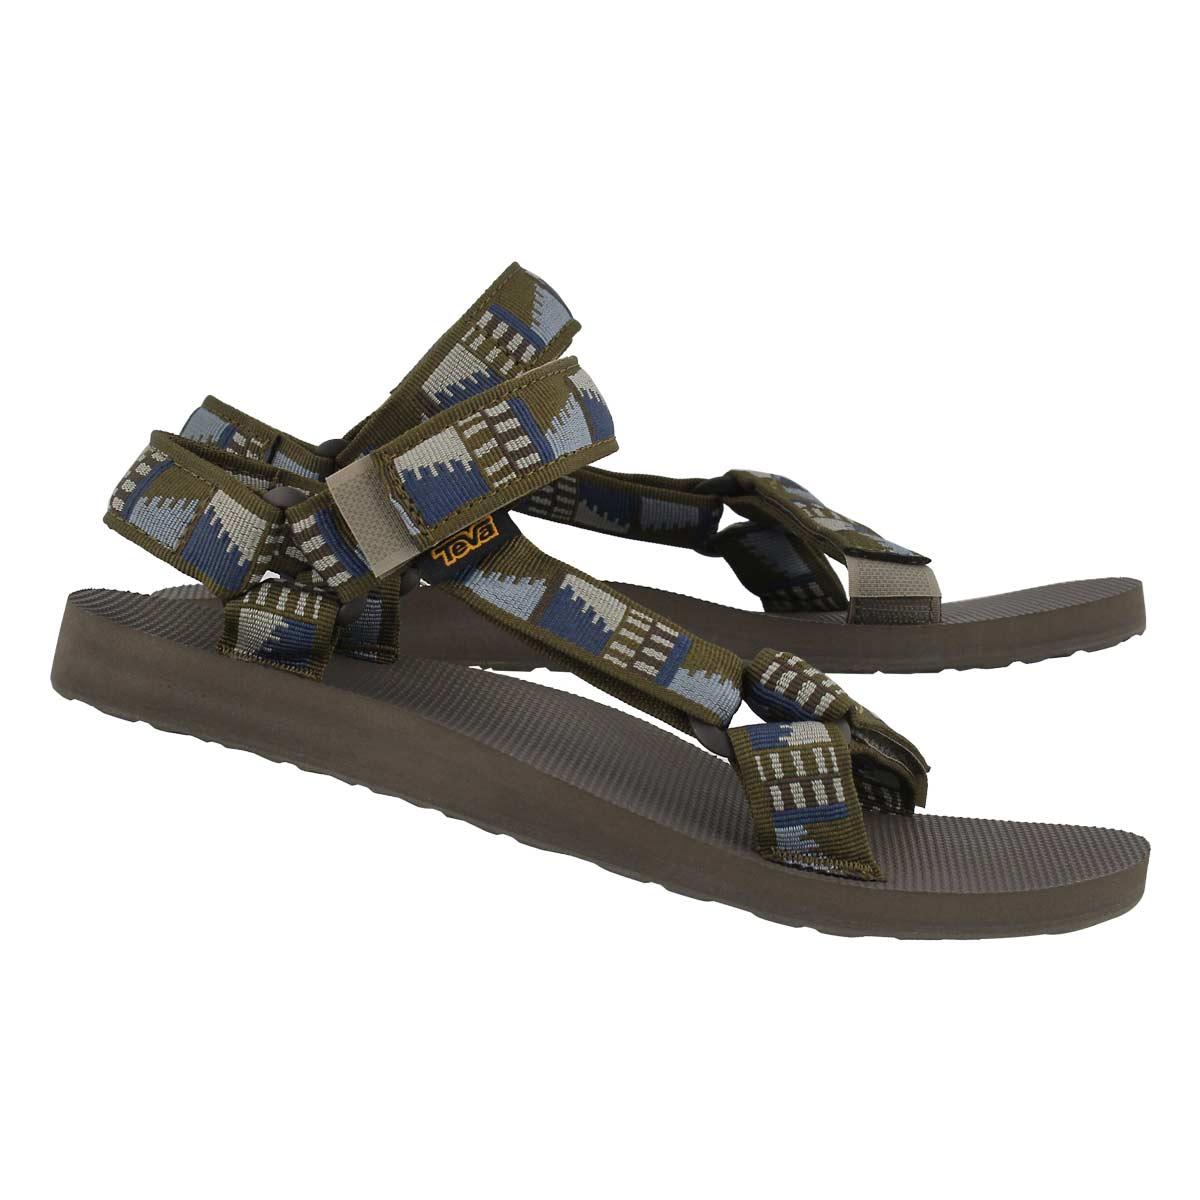 Mns Original Universal peaks olve sandal